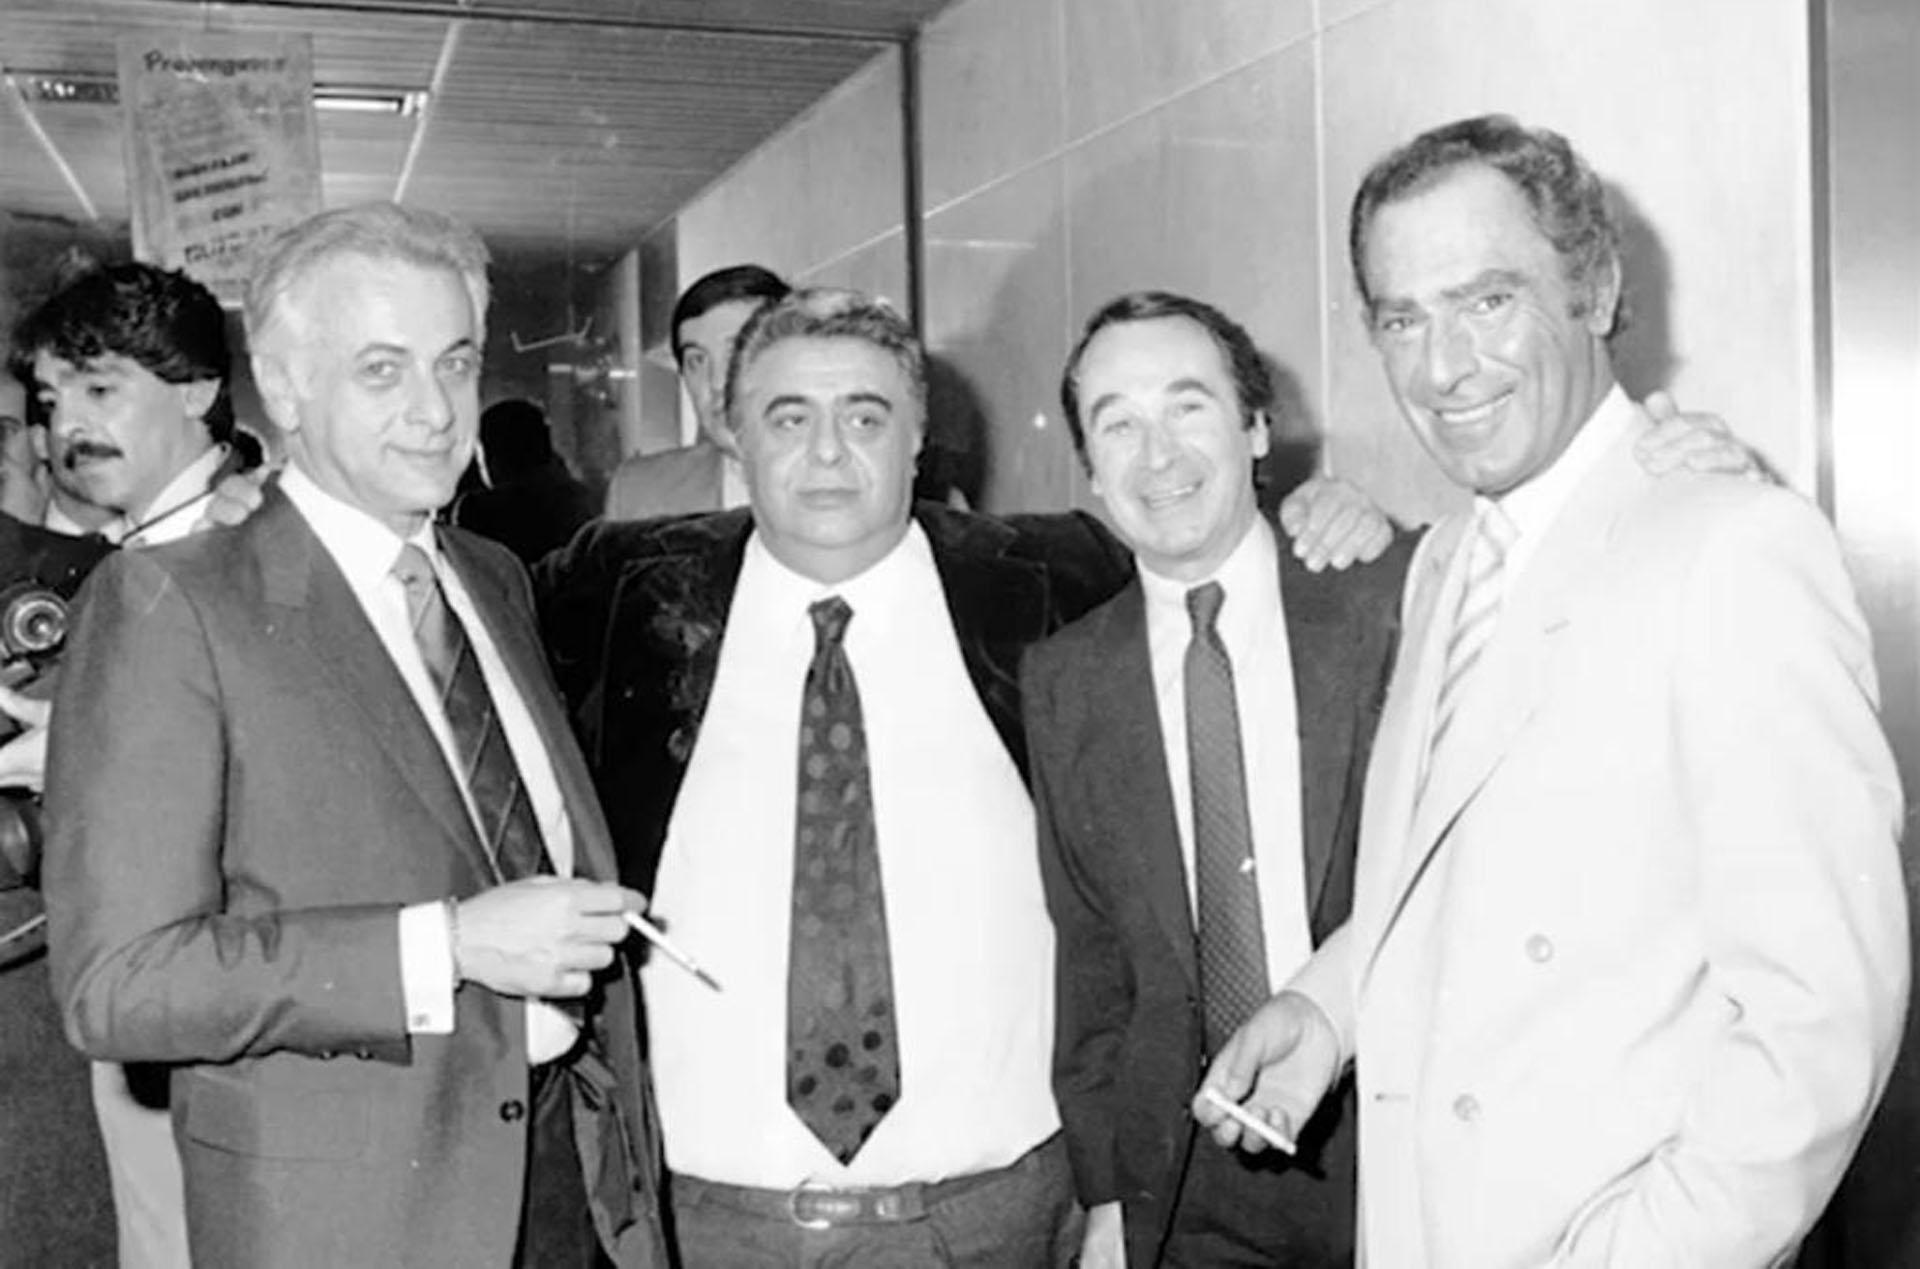 Gerardo Sofovich, Jorge Porcel, Juan Carlos Altavista y Calabró